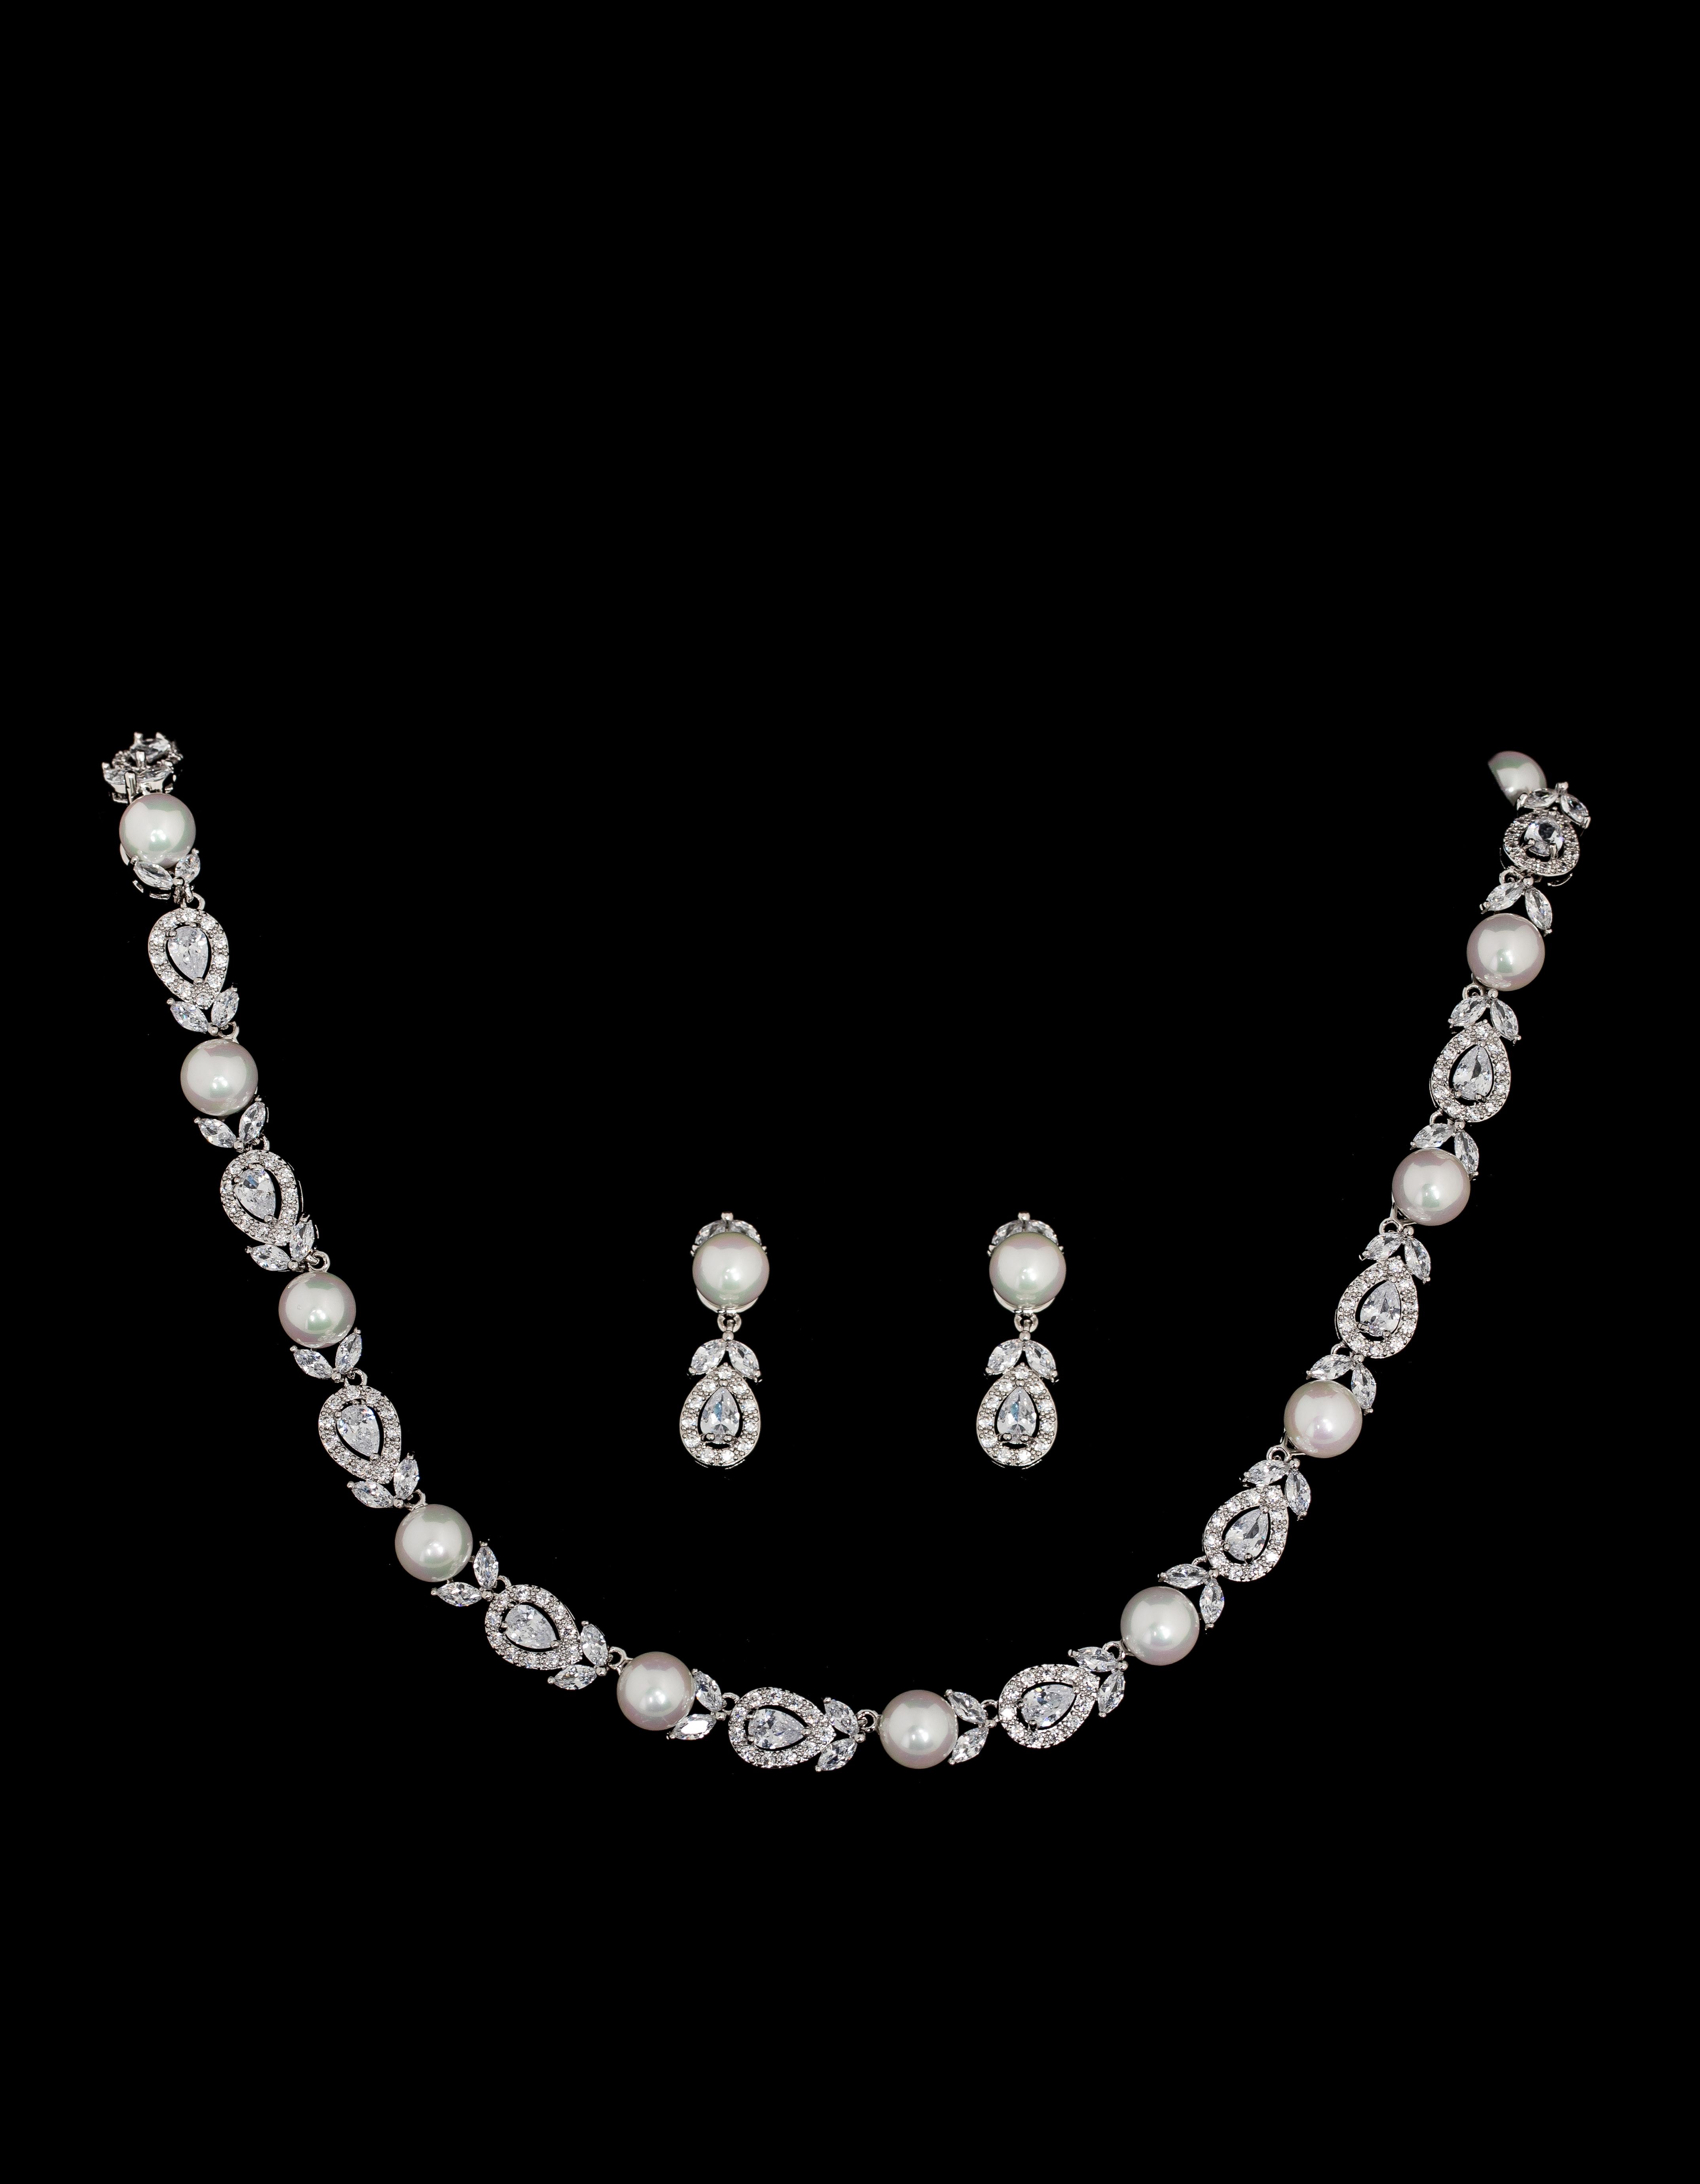 Bridal Classics Necklace Sets CZ-881